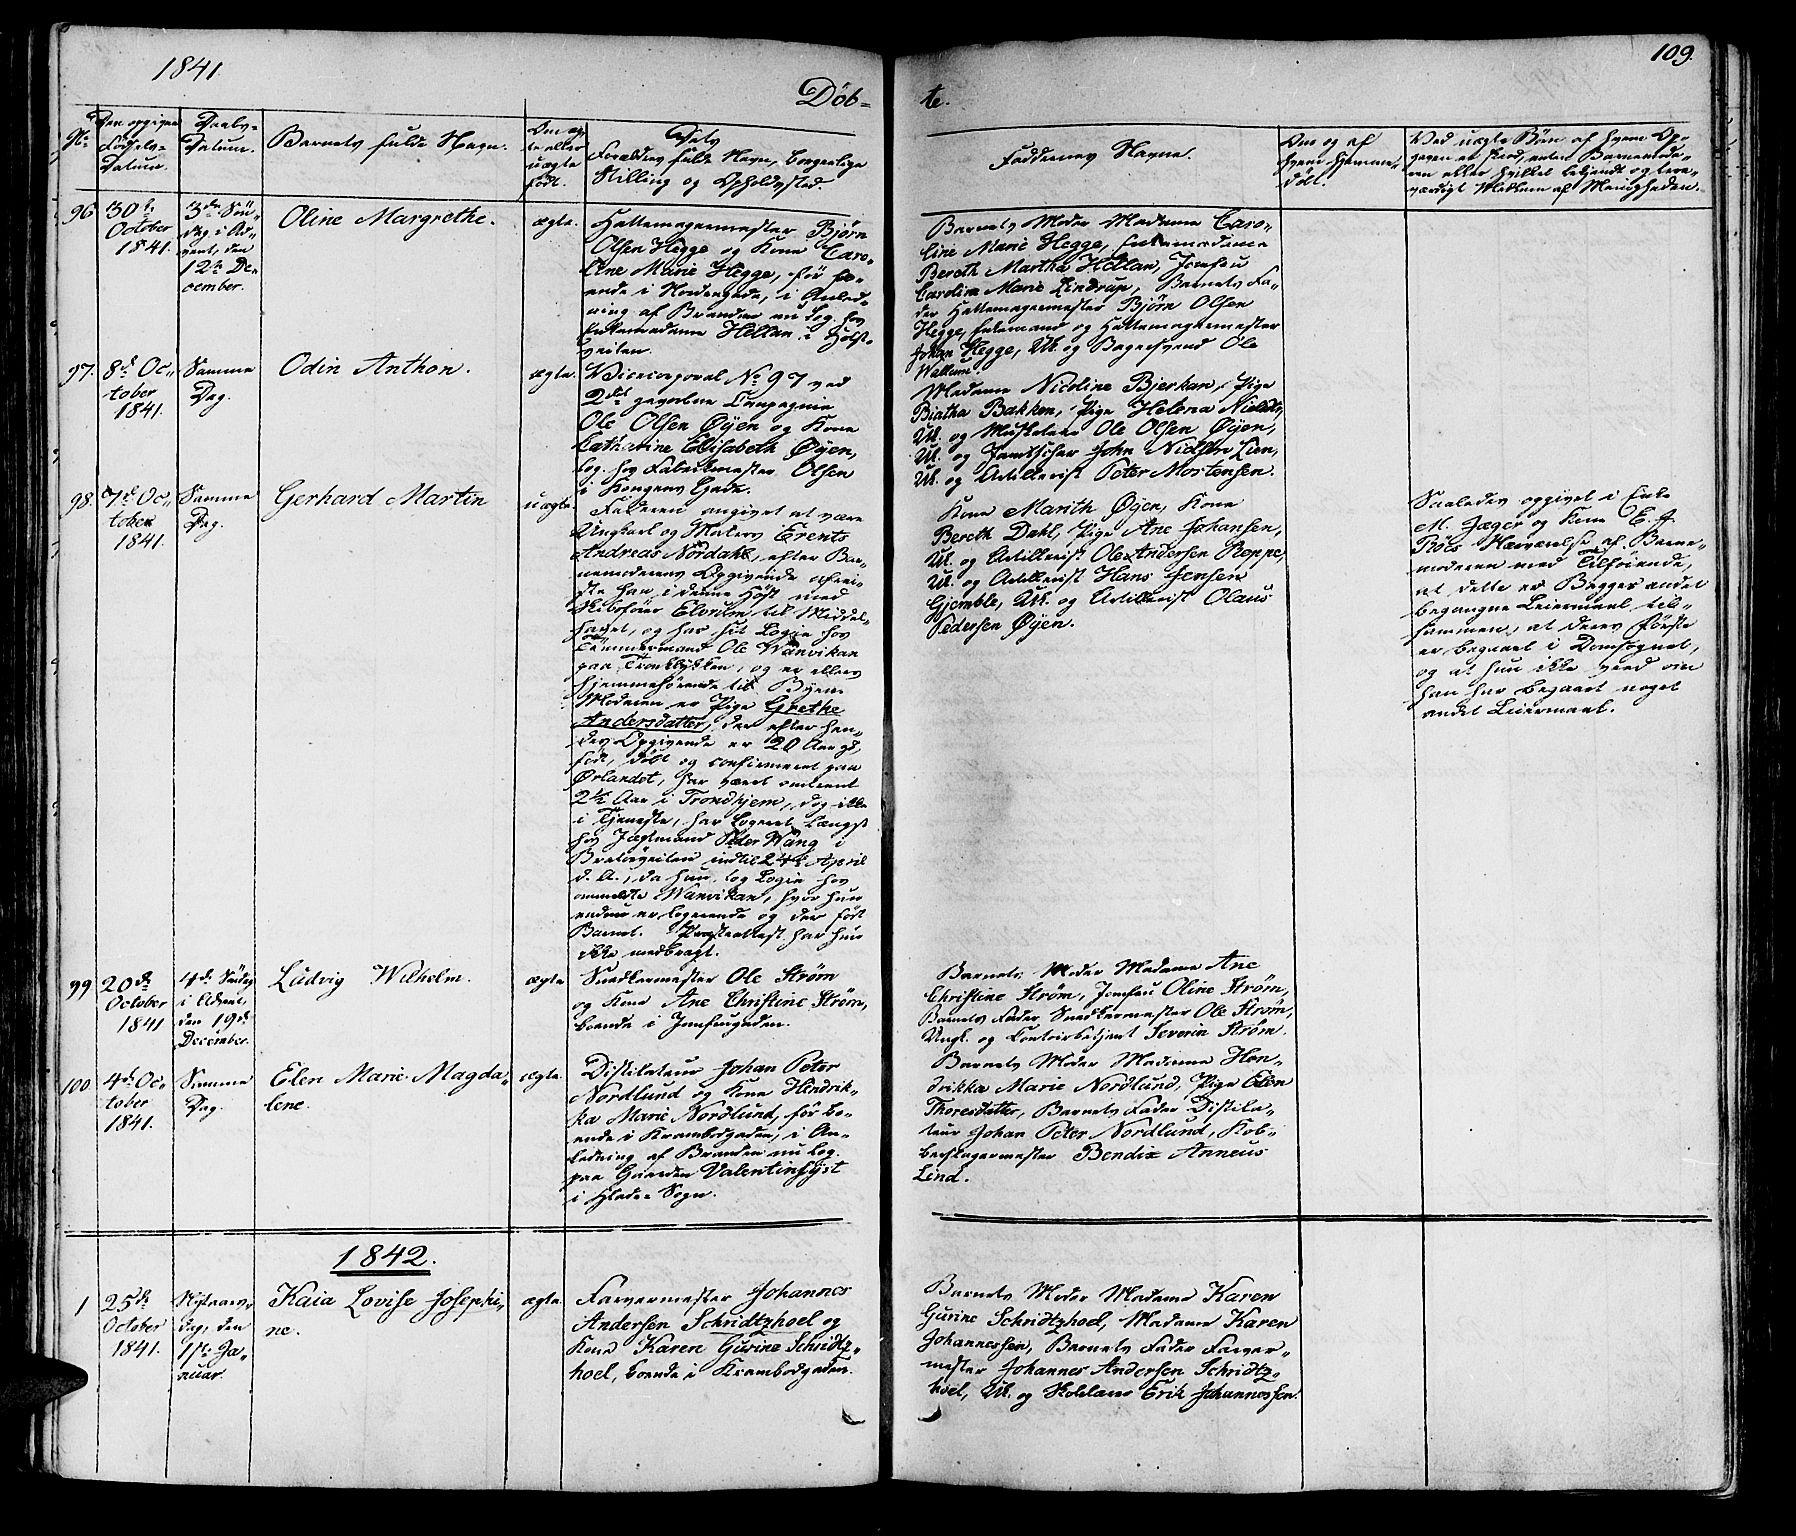 SAT, Ministerialprotokoller, klokkerbøker og fødselsregistre - Sør-Trøndelag, 602/L0136: Klokkerbok nr. 602C04, 1833-1845, s. 109